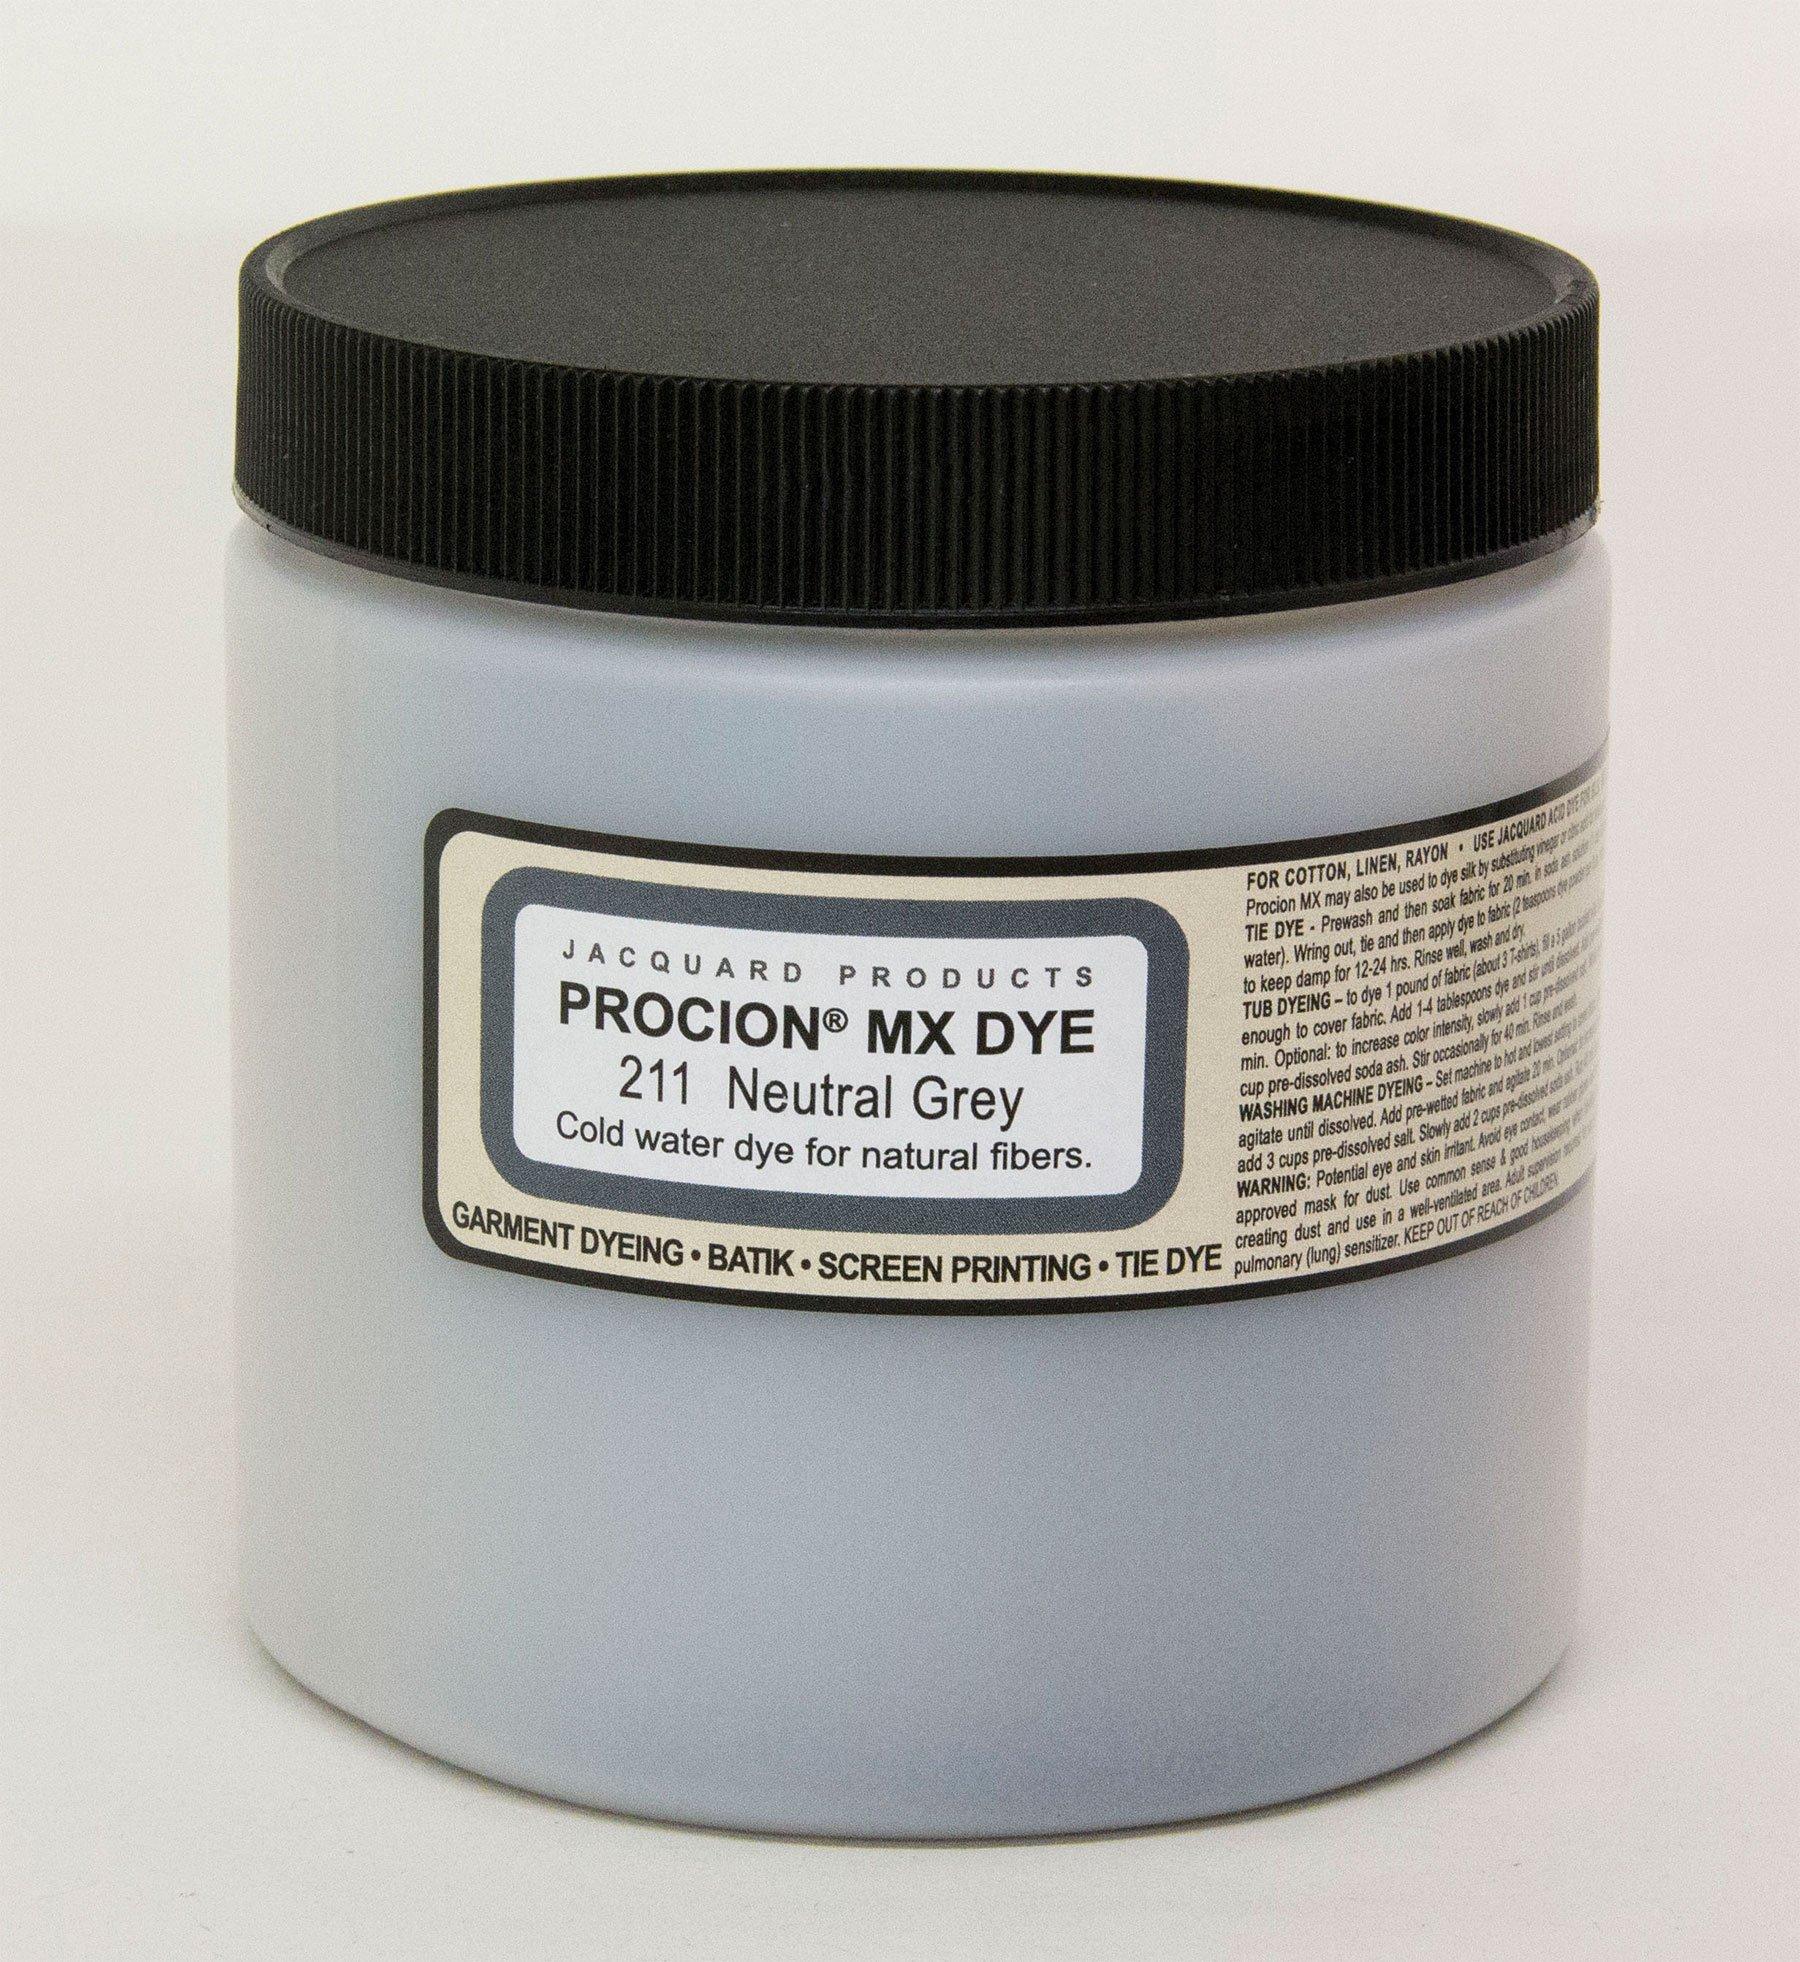 Procion Mx Dye Neutral Grey 8Oz by Jacquard